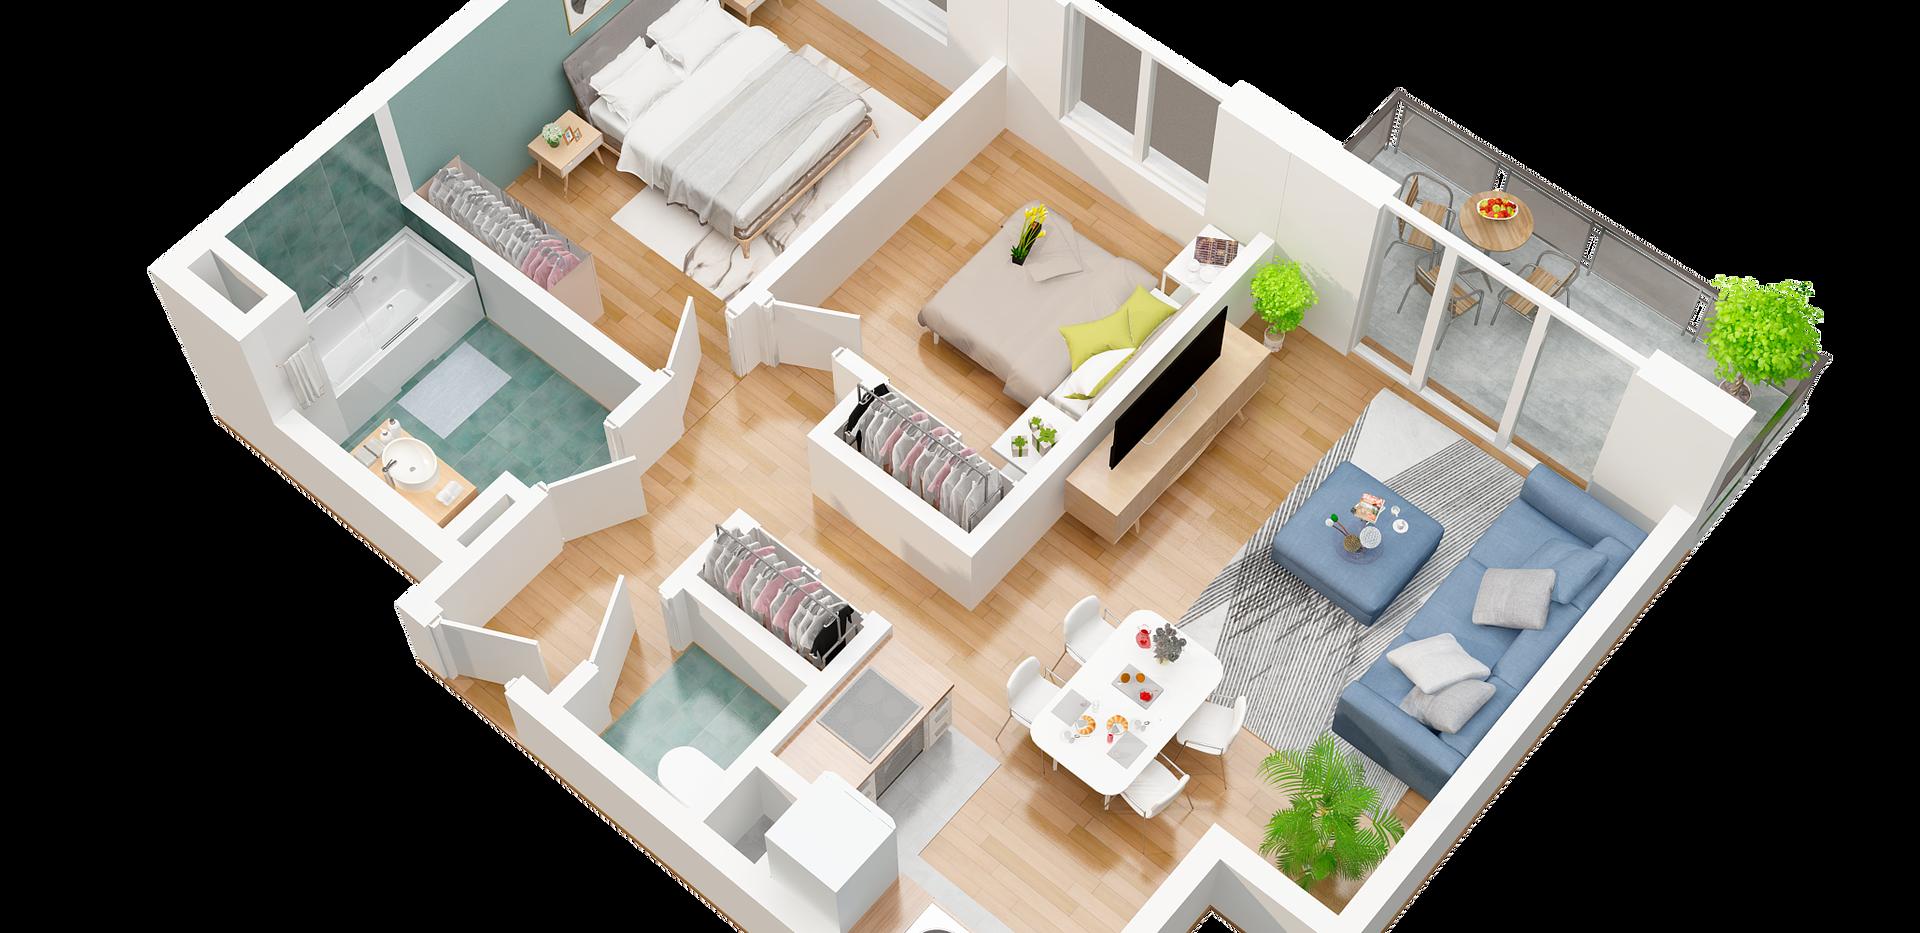 baphdia_4_3D pro floor plan